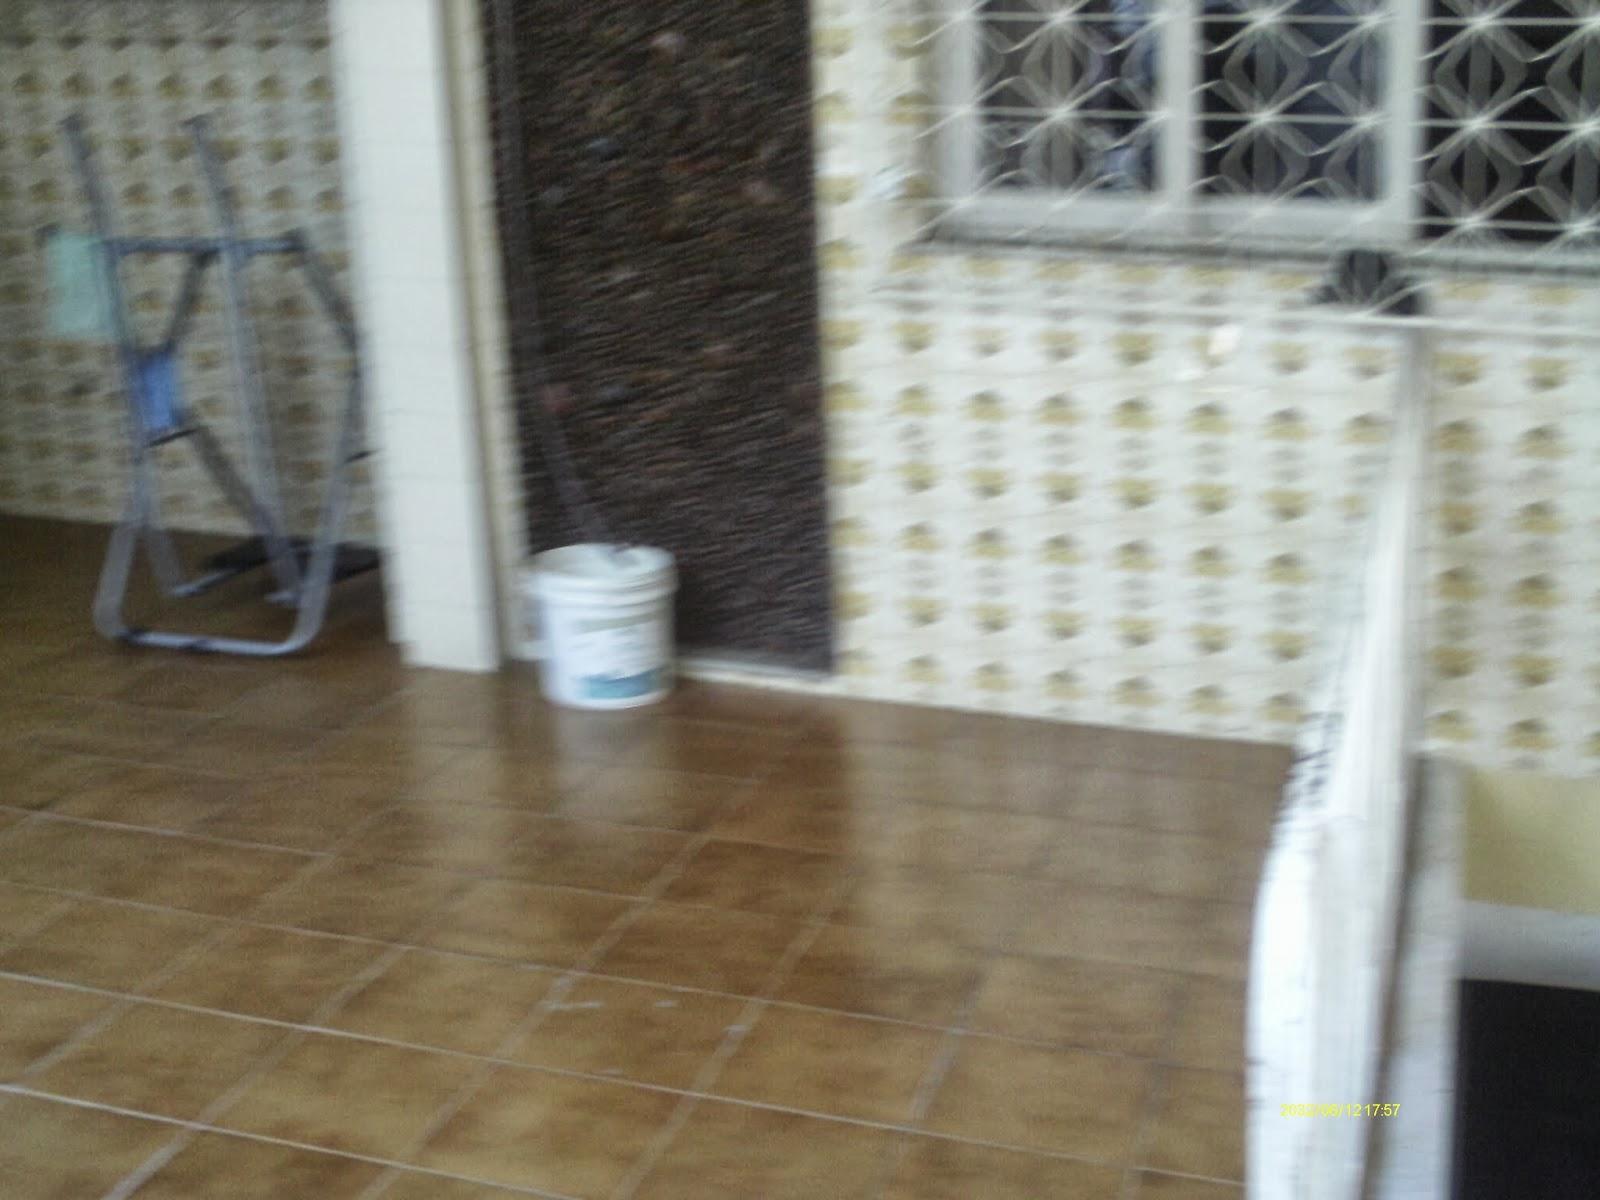 Casa Cocotá Ilha do Governador Avelino Freire Imóveis #604F37 1600x1200 Banheiro Com Hidro Pequeno